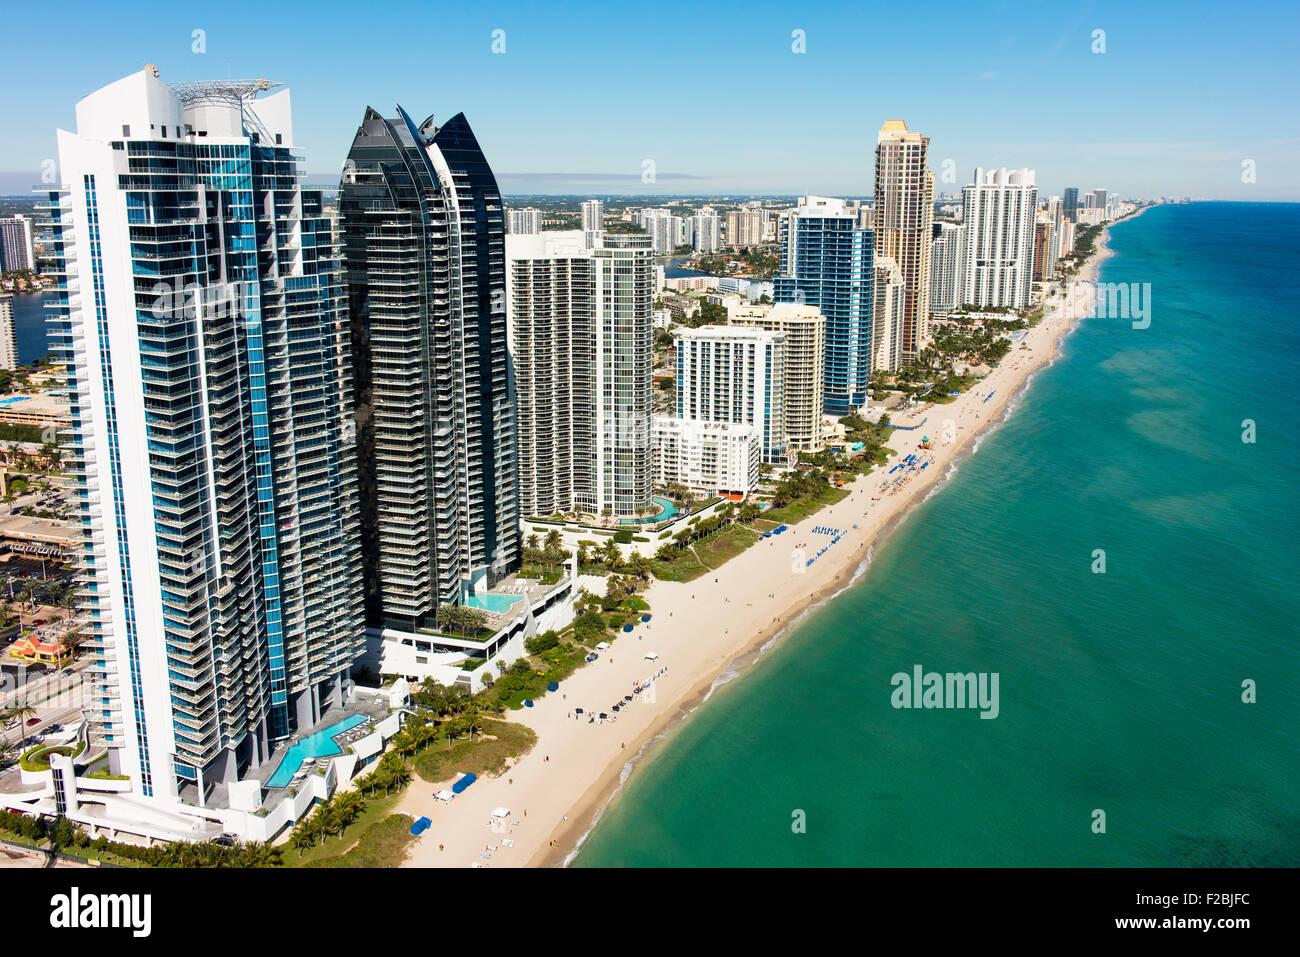 Stadt von Sunny Isles Beach und Apartment-Hochhäuser. Stockbild